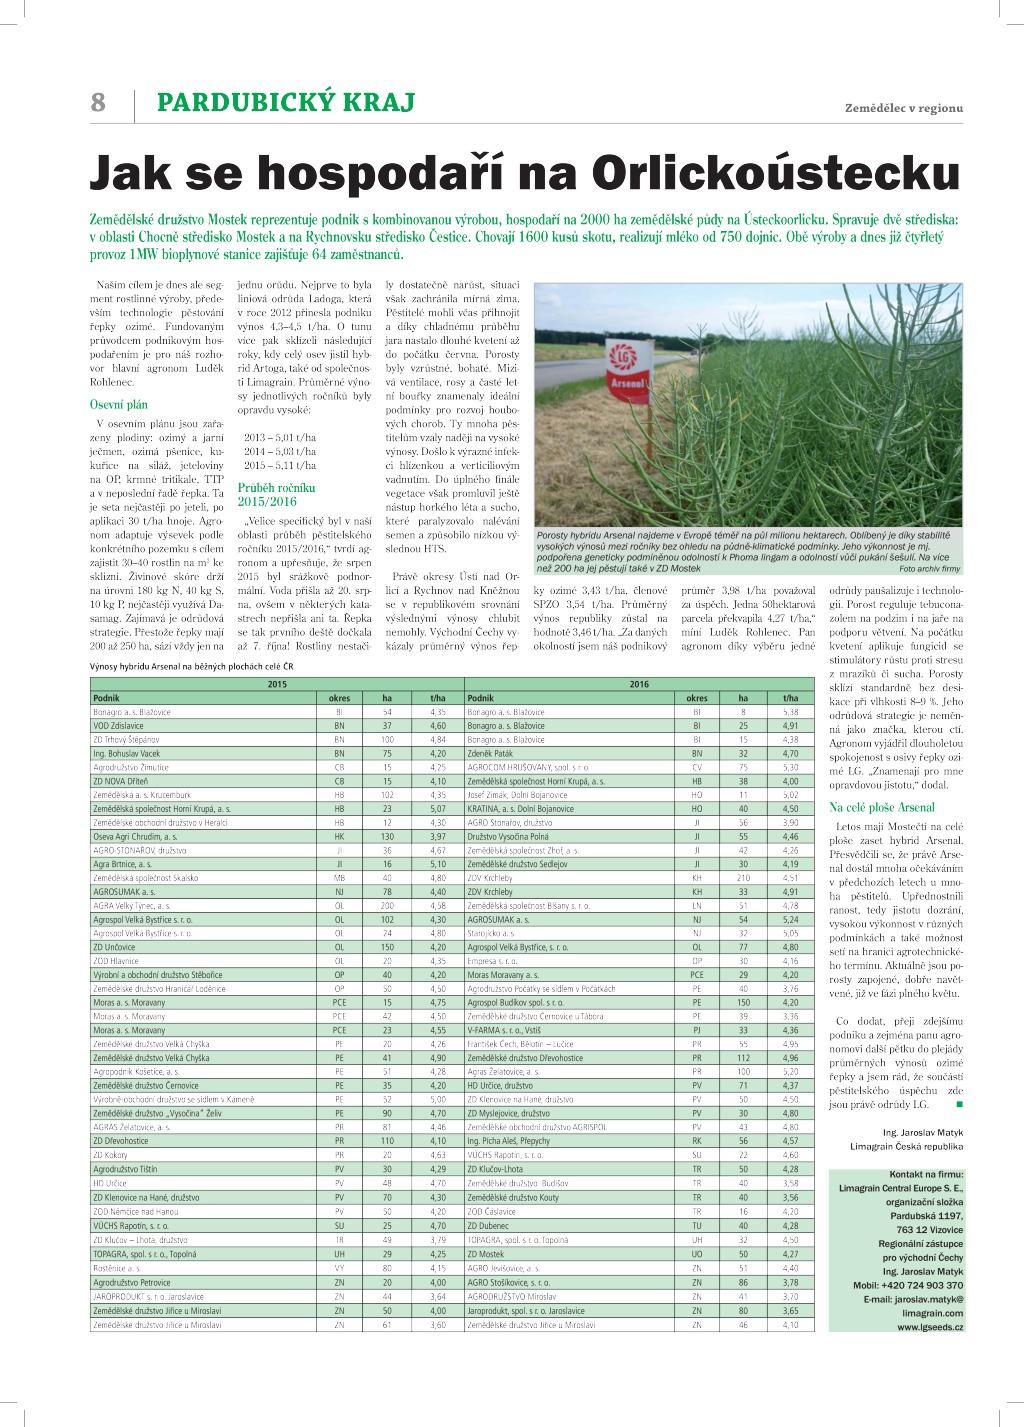 2017 CZ JM Mostek_Zemědělec v regionu_Pardubický